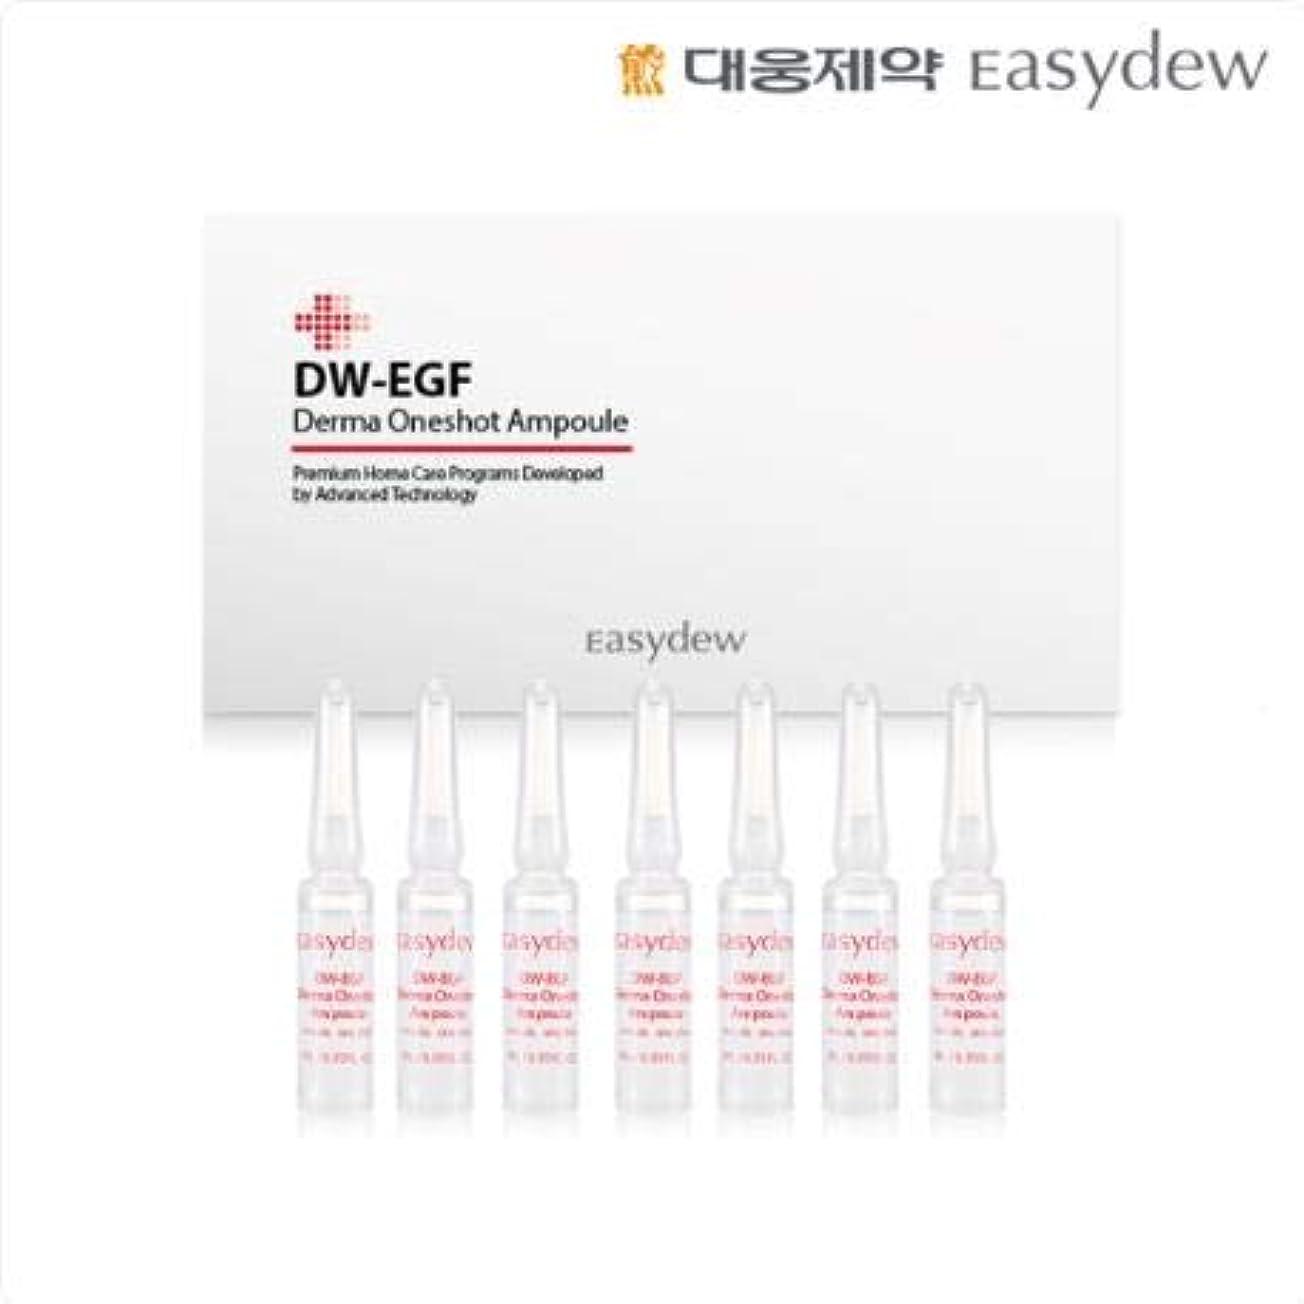 計画満足させるぬれたEasydew DW-EGF ダマー ワンショット アンプル(1.2ml X 7本)[美.白?シワ.改善2重機能性化粧品] X Mask Pack 1p.